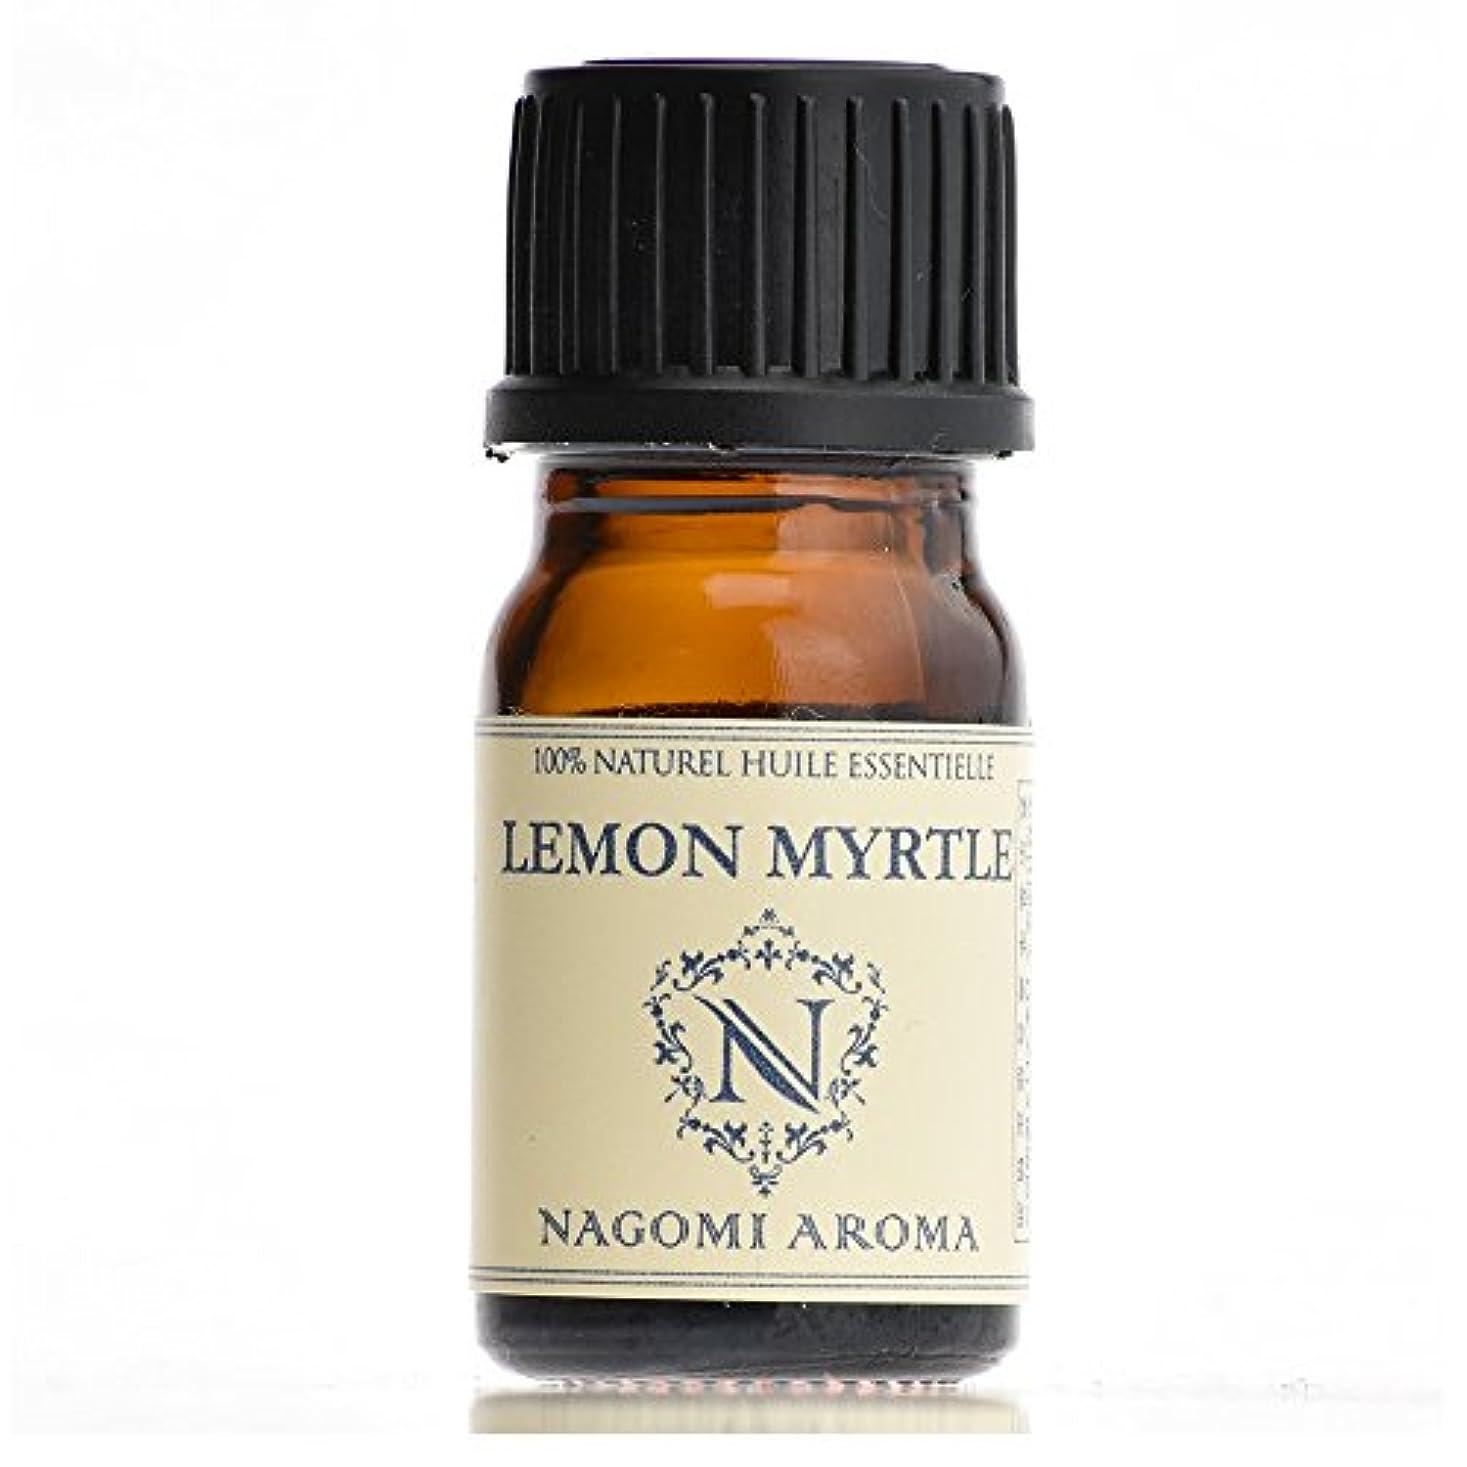 前方へオプションむしゃむしゃ【AEAJ認定表示基準認定精油】NAGOMI PURE レモンマートル 5ml 【エッセンシャルオイル】【精油】【アロマオイル】|CONVOILs